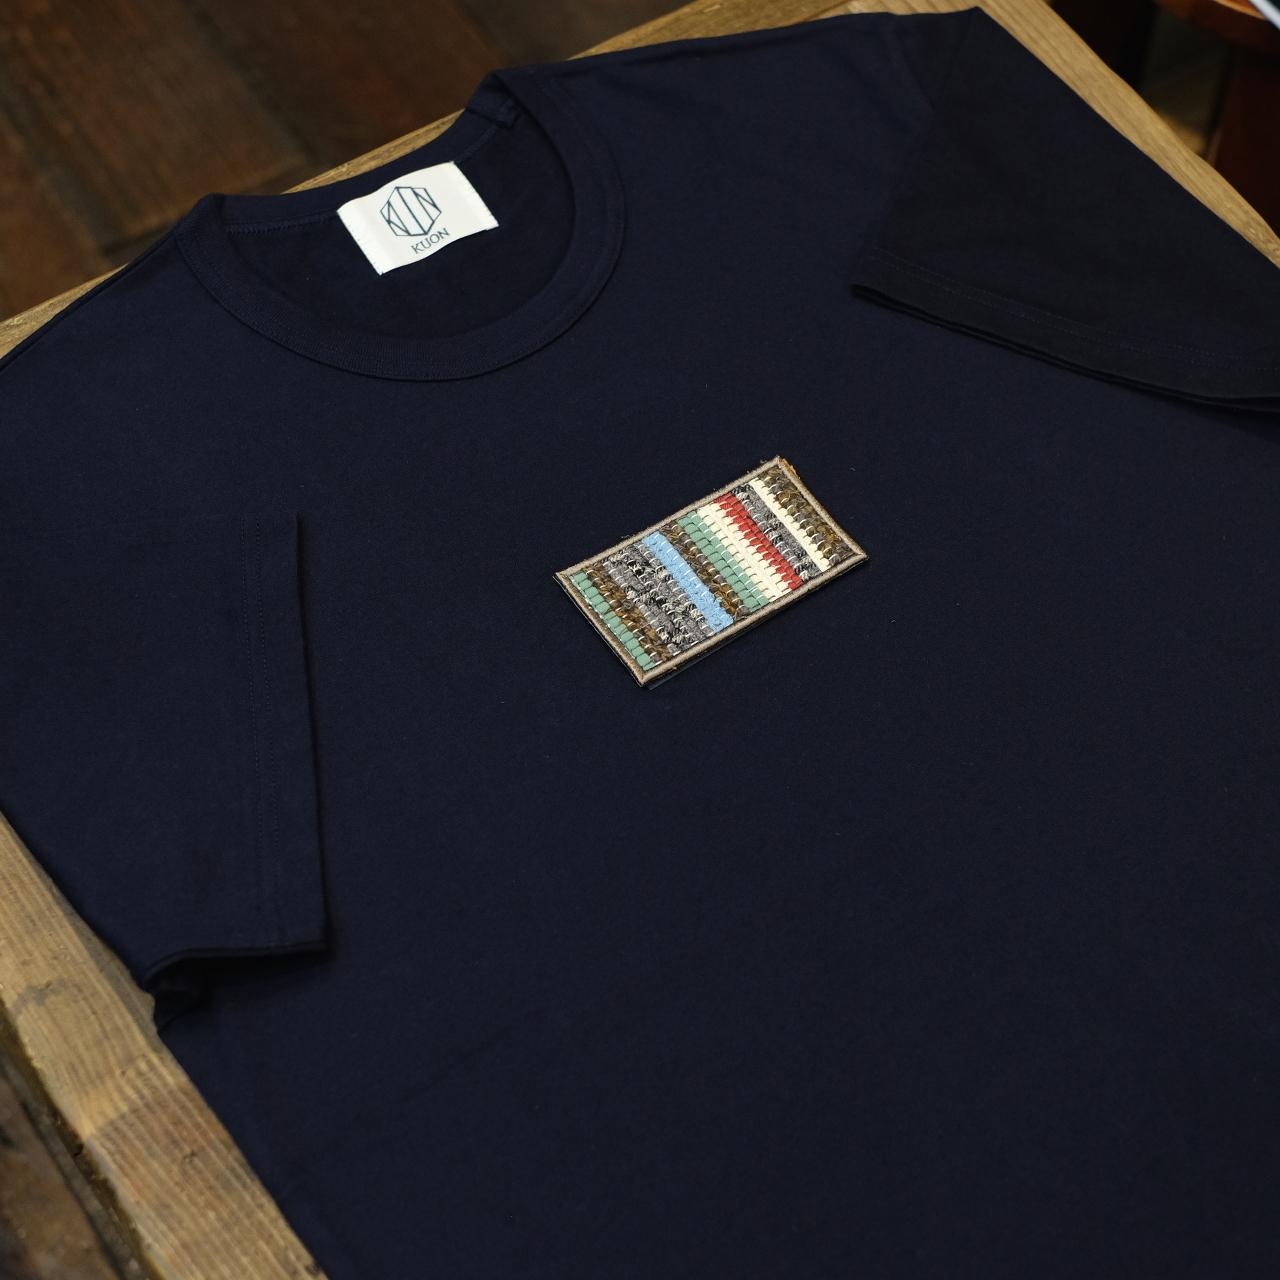 KUON(クオン) 裂き織りパッチTシャツ ネイビー